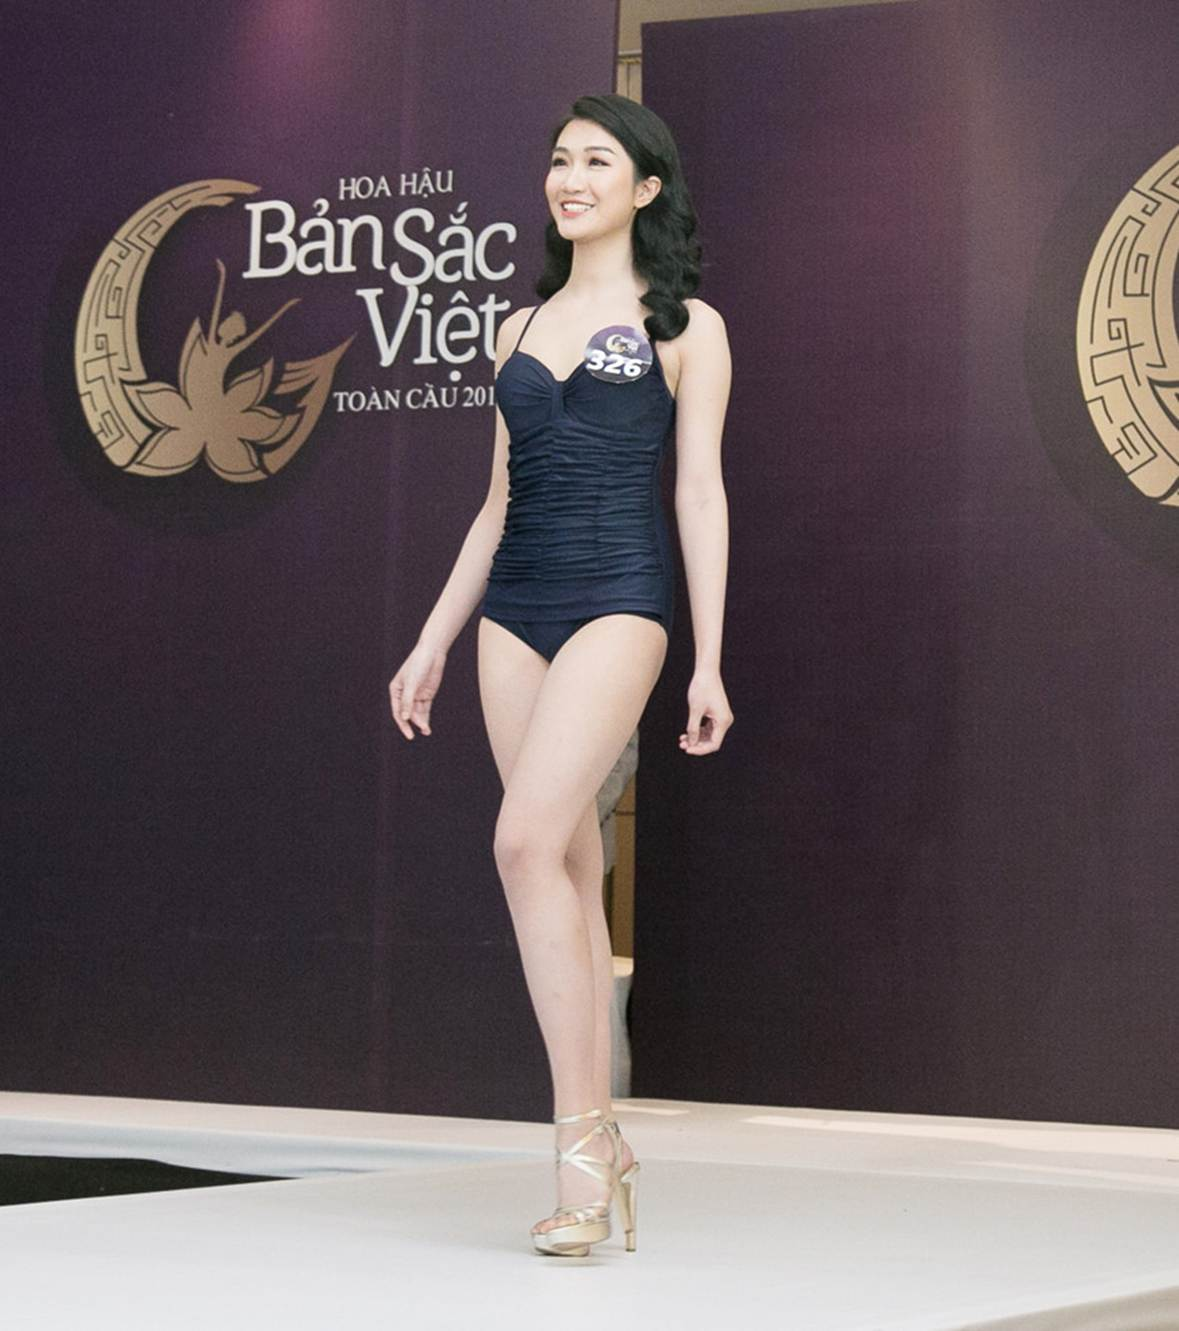 Thí sinh Hoa hậu Bản sắc Việt mặc áo tắm thi hình thể: Mặt xinh, eo to-8